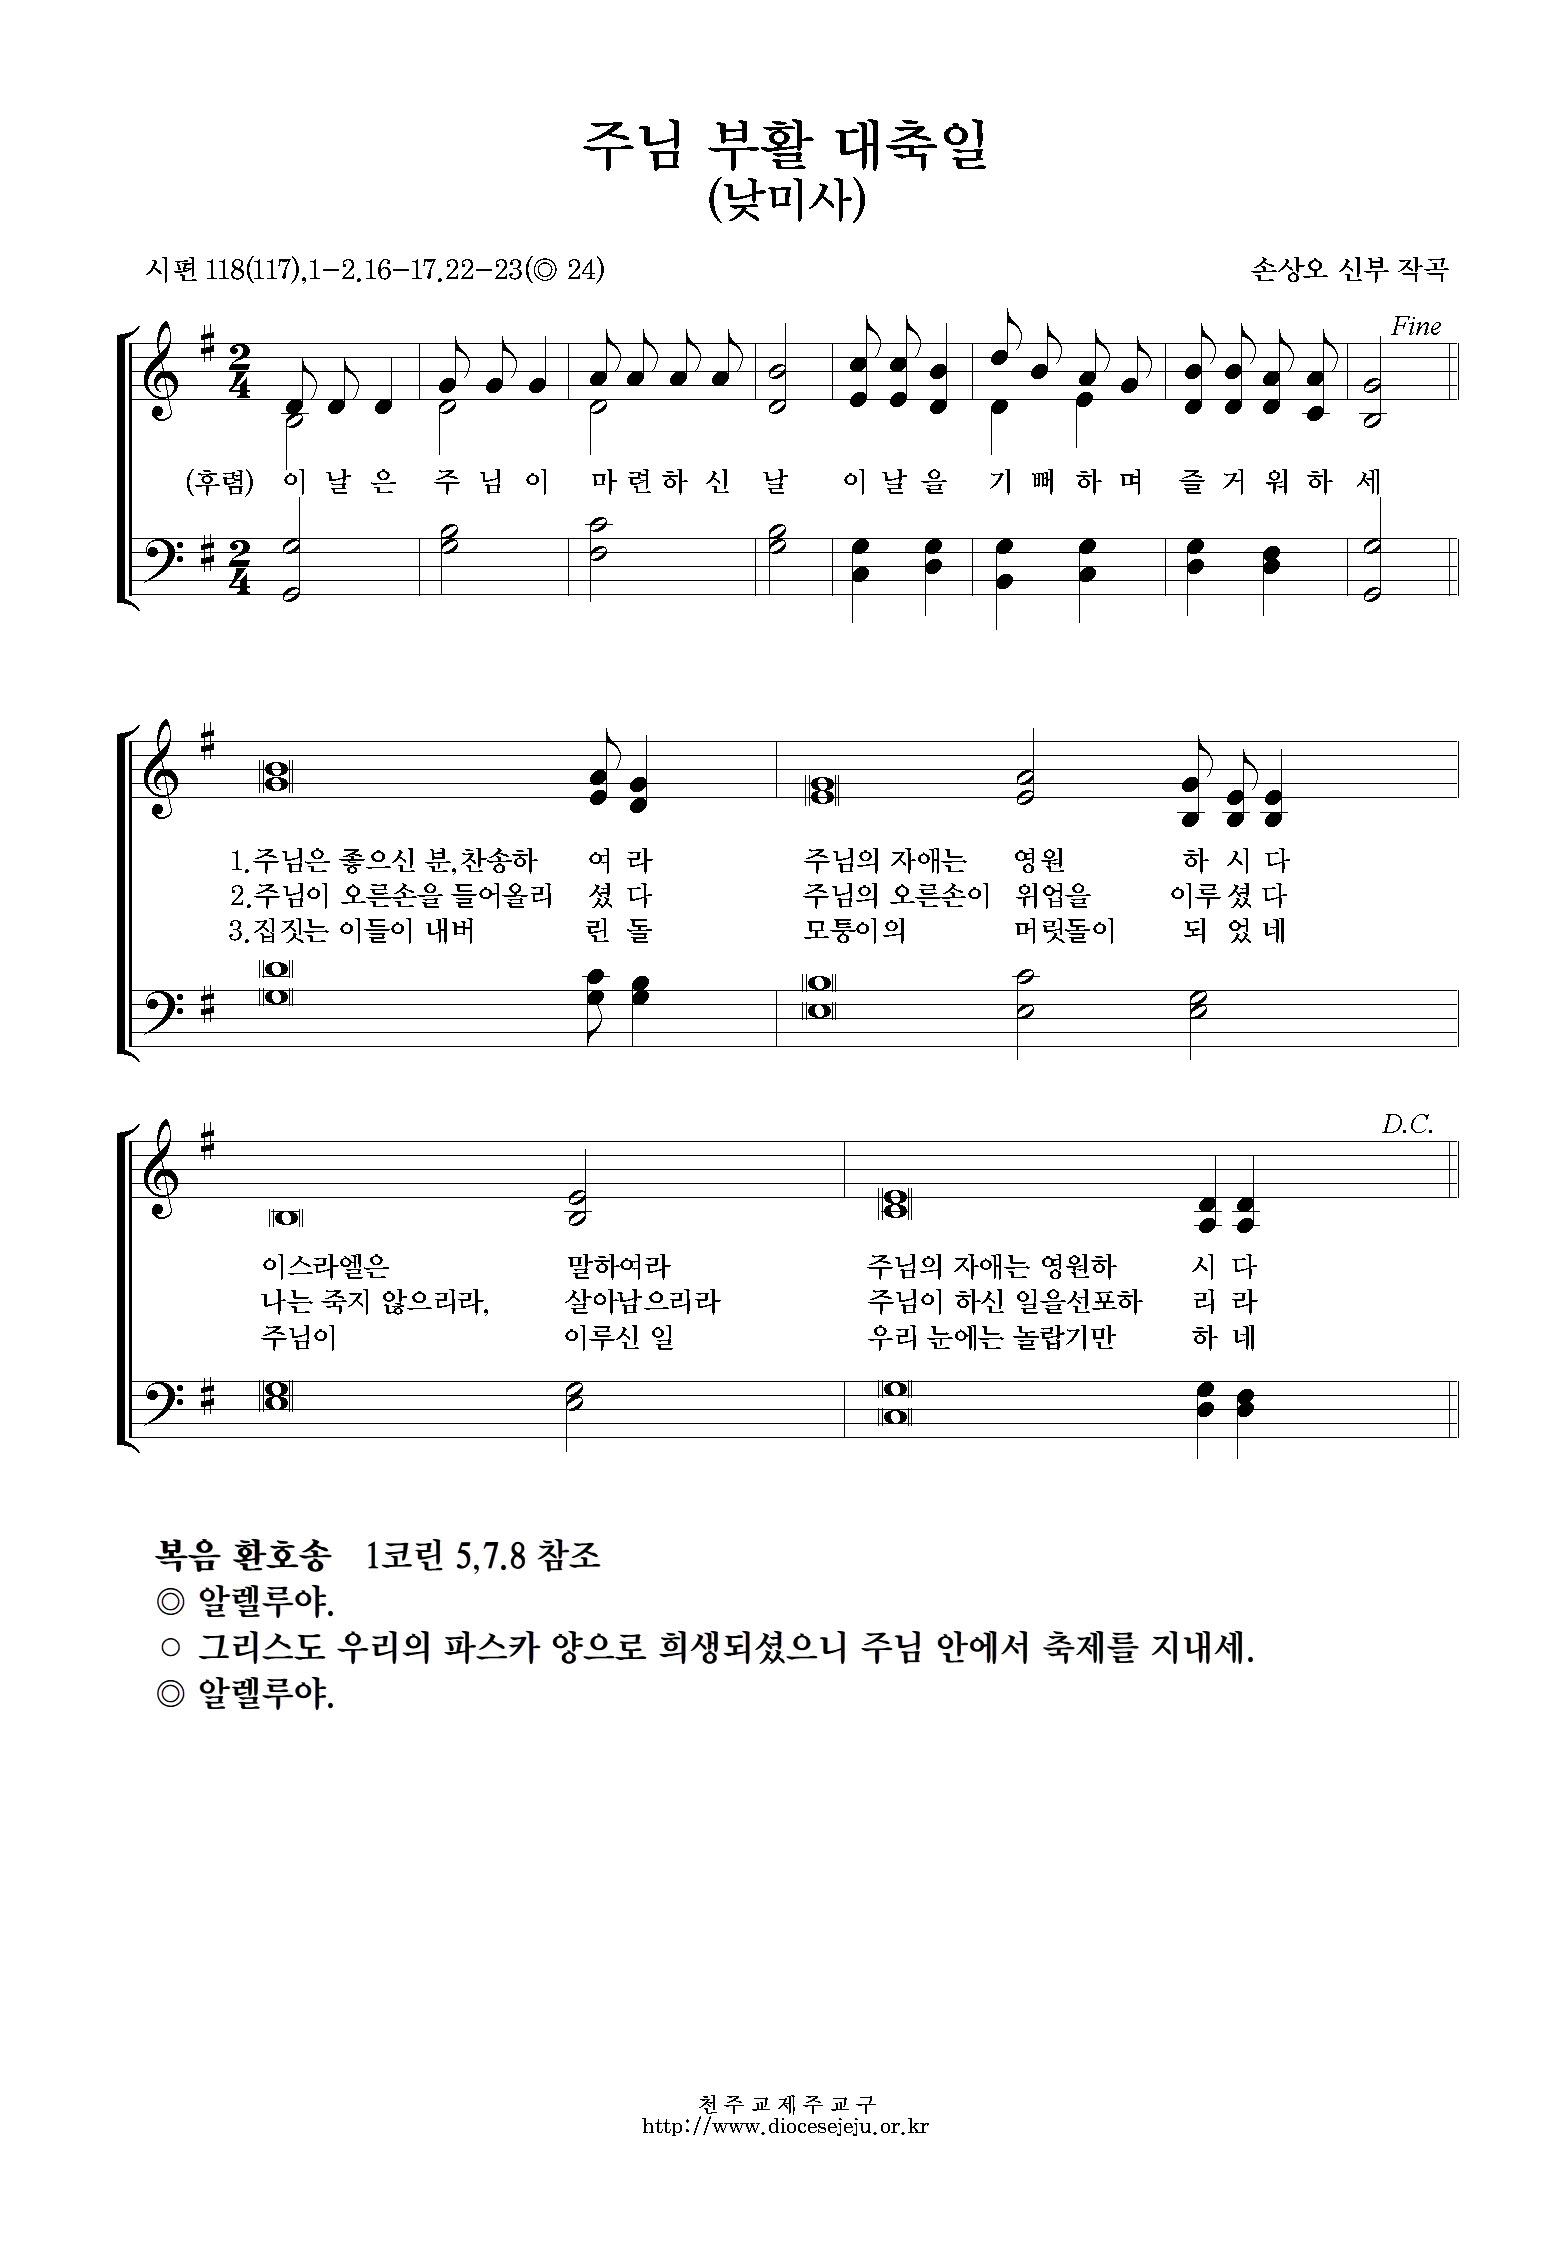 20190421-주님부활대축일(낮미사).jpg